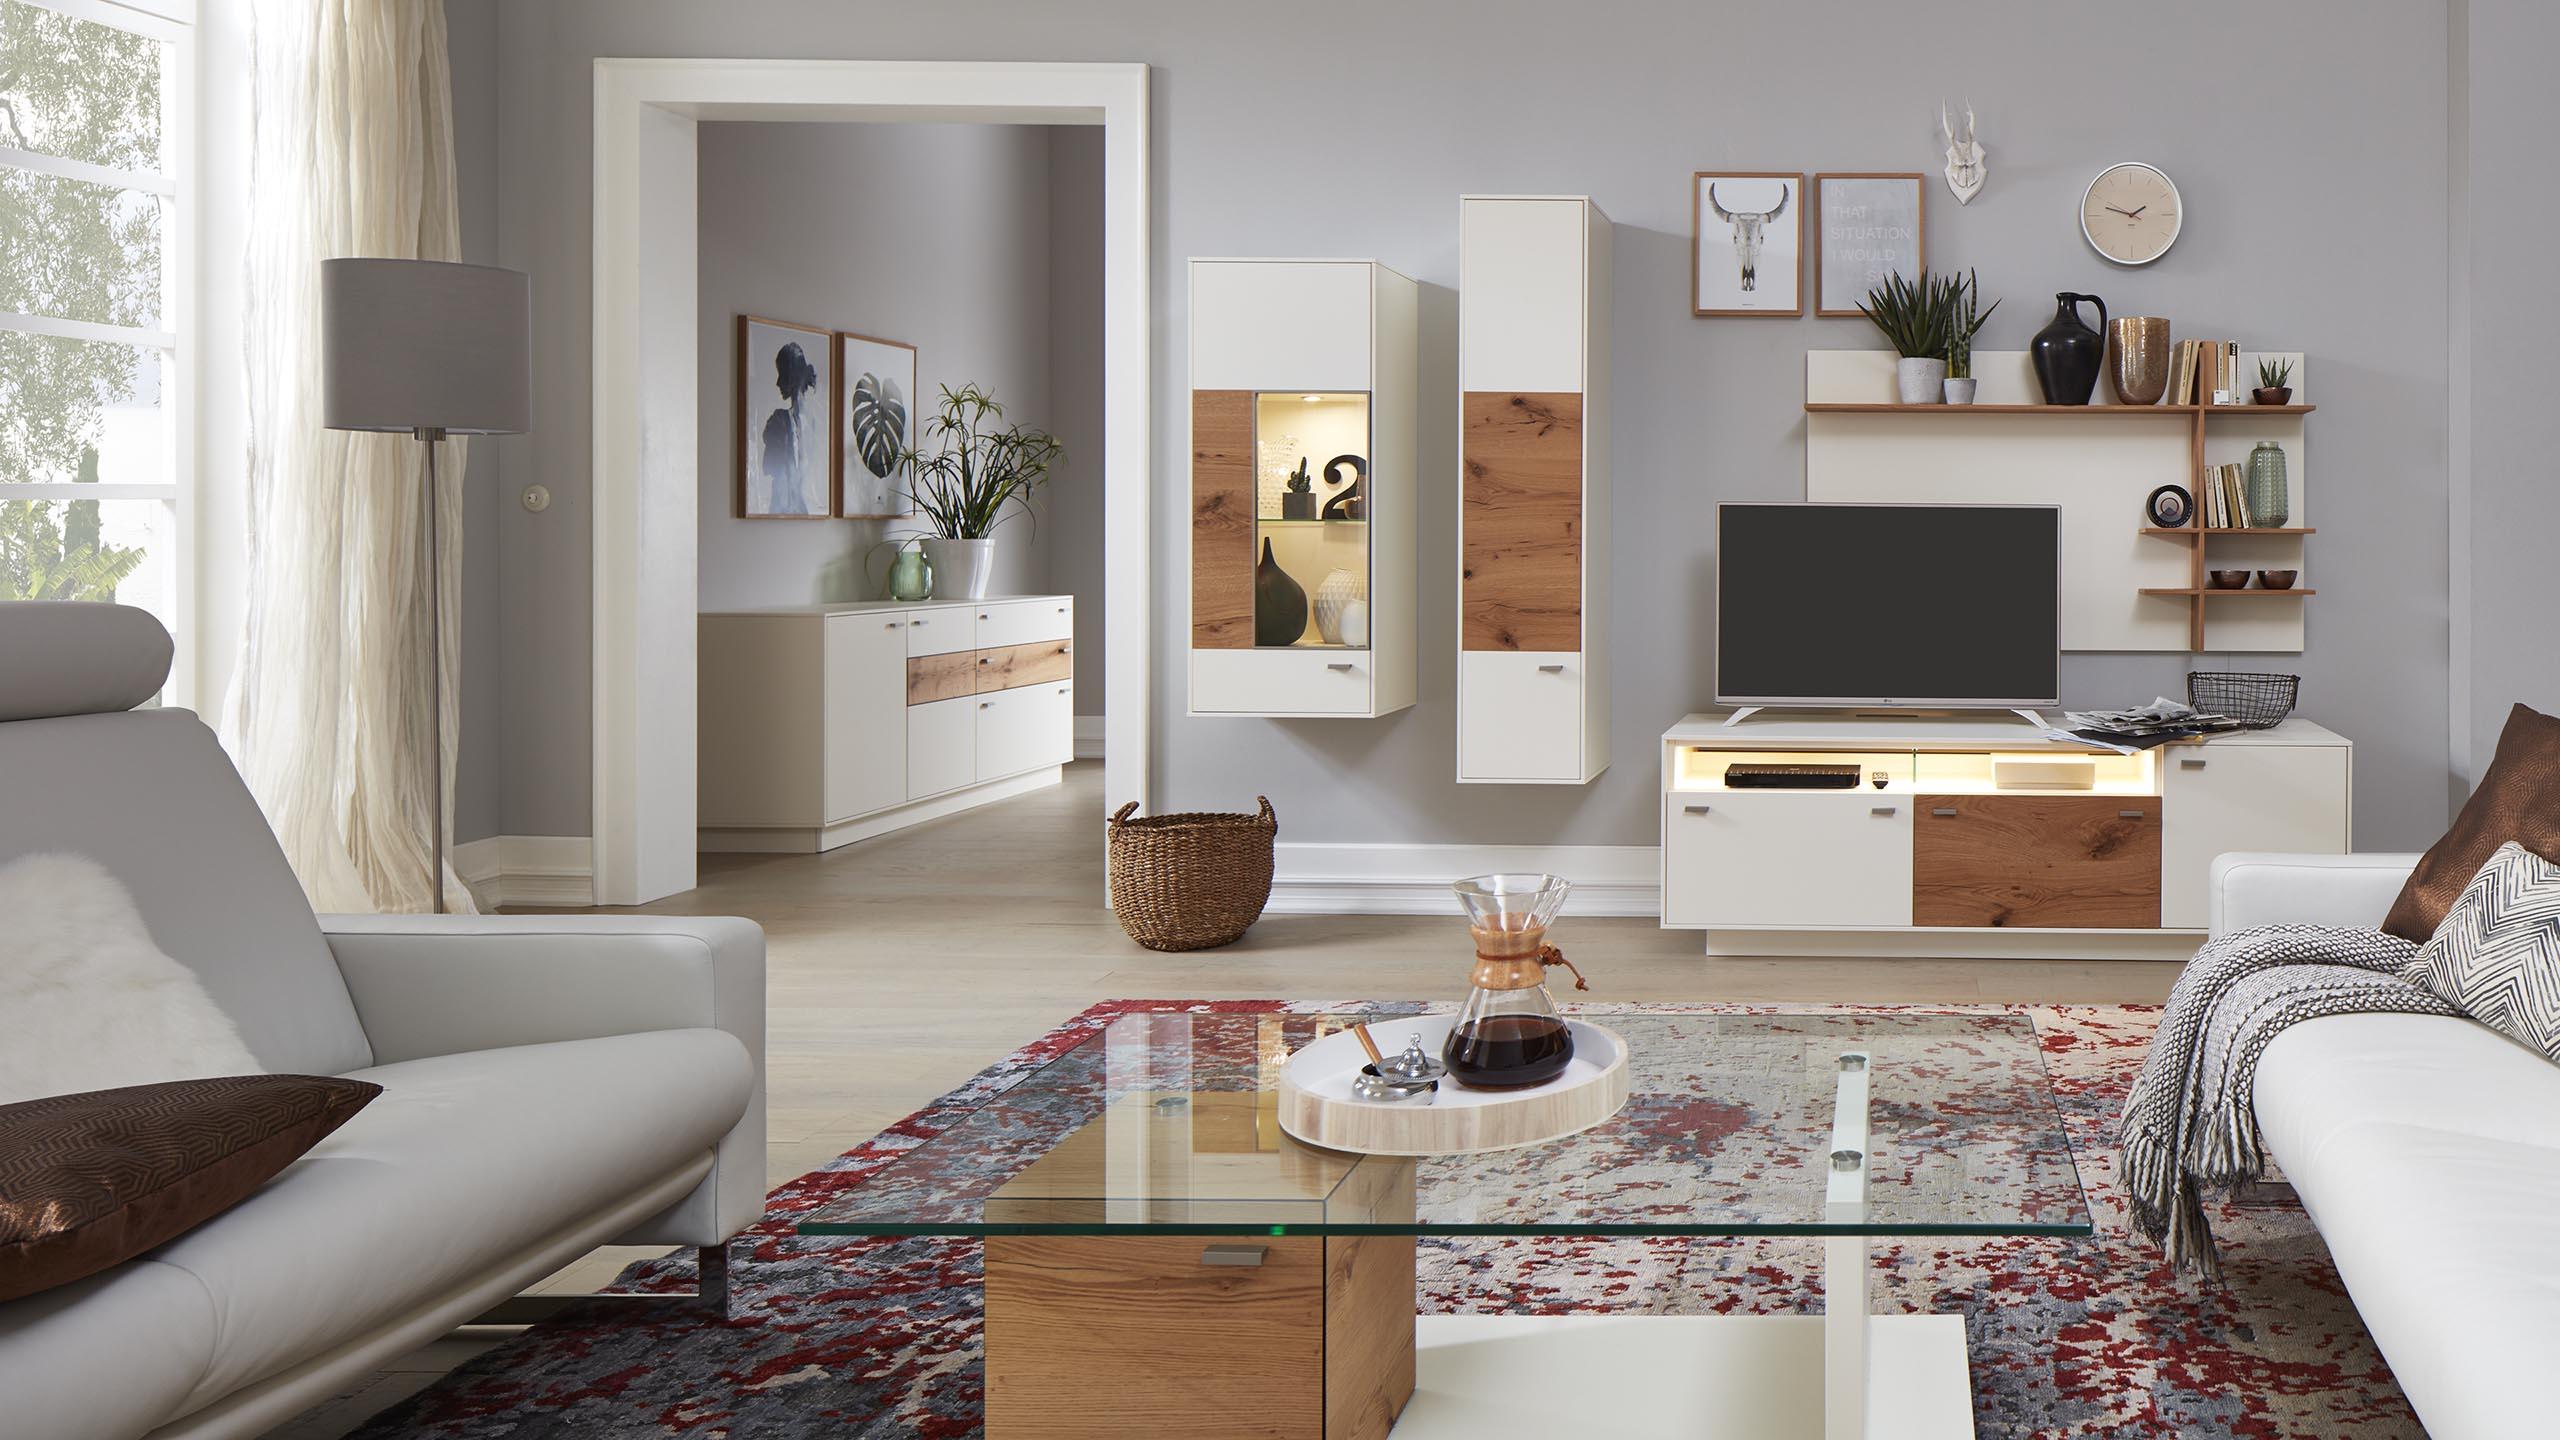 Interliving wohnzimmer serie 2101 wei es wohnzimmer m bel fischer - Graues wohnzimmer ...